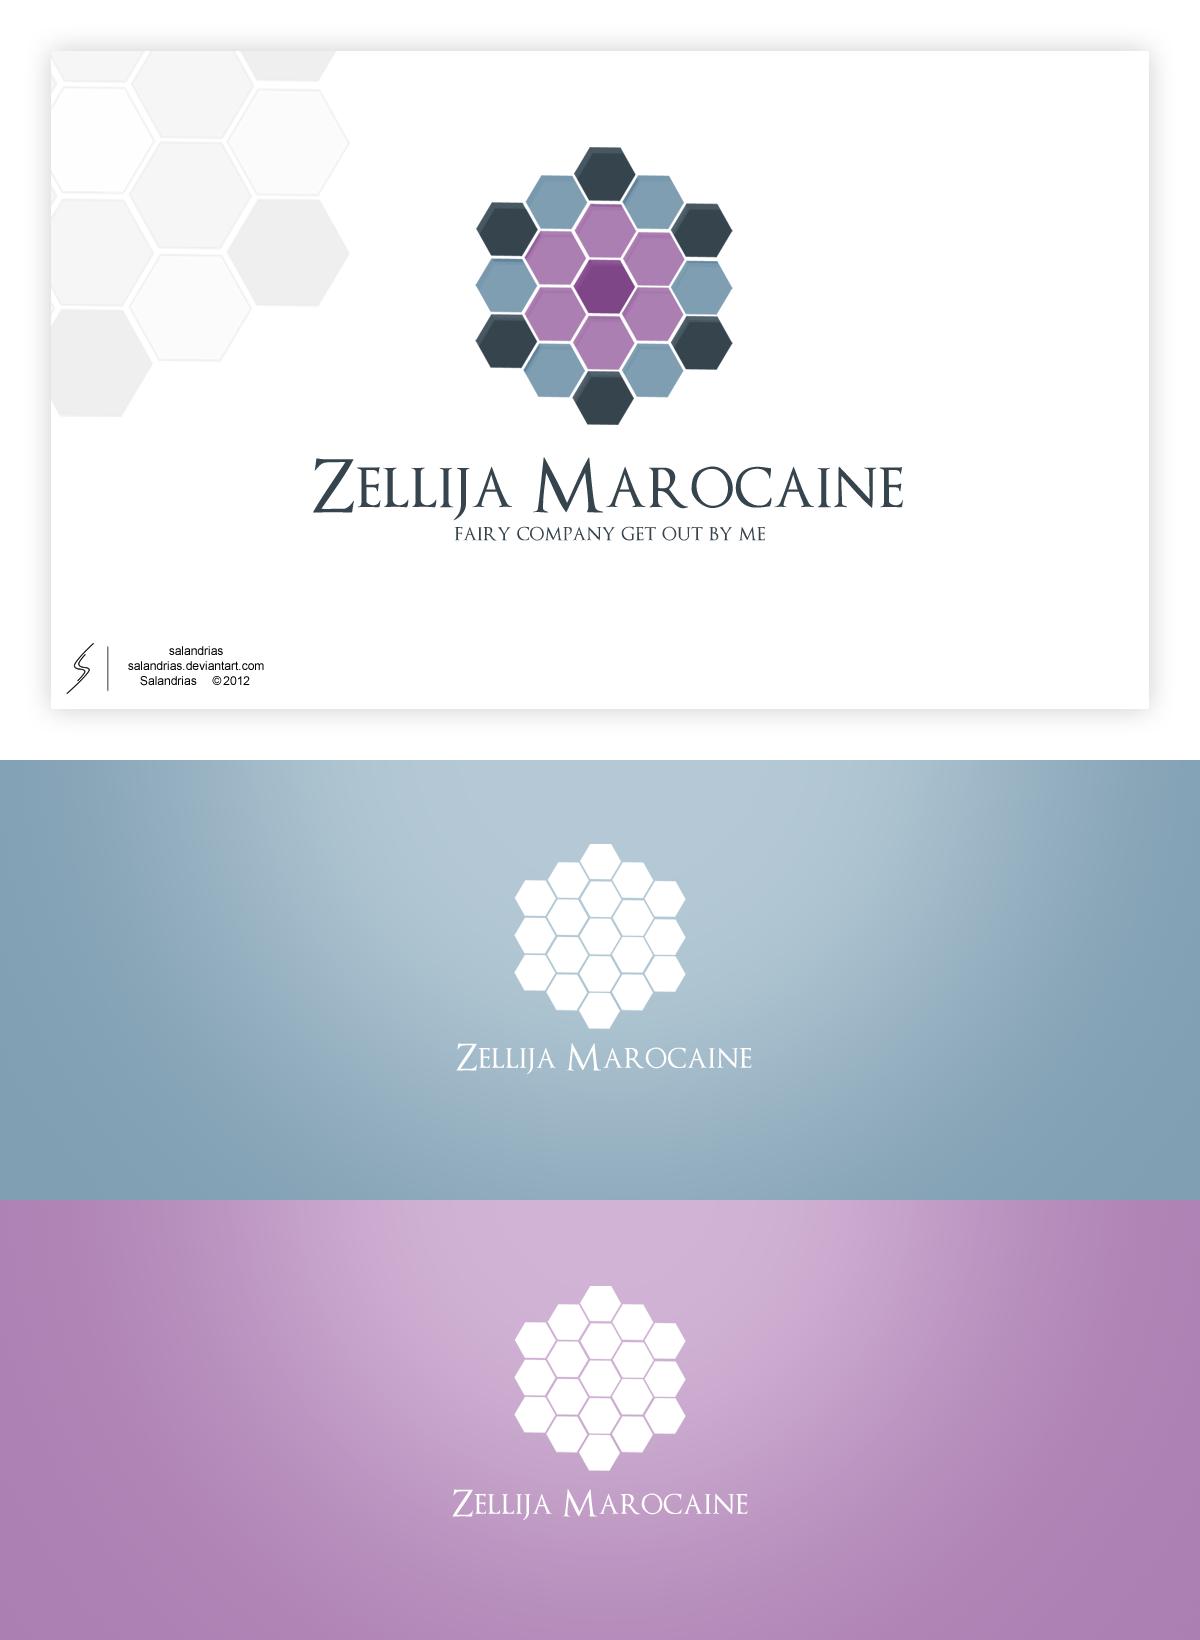 Zellija marocaine logo by salandrias